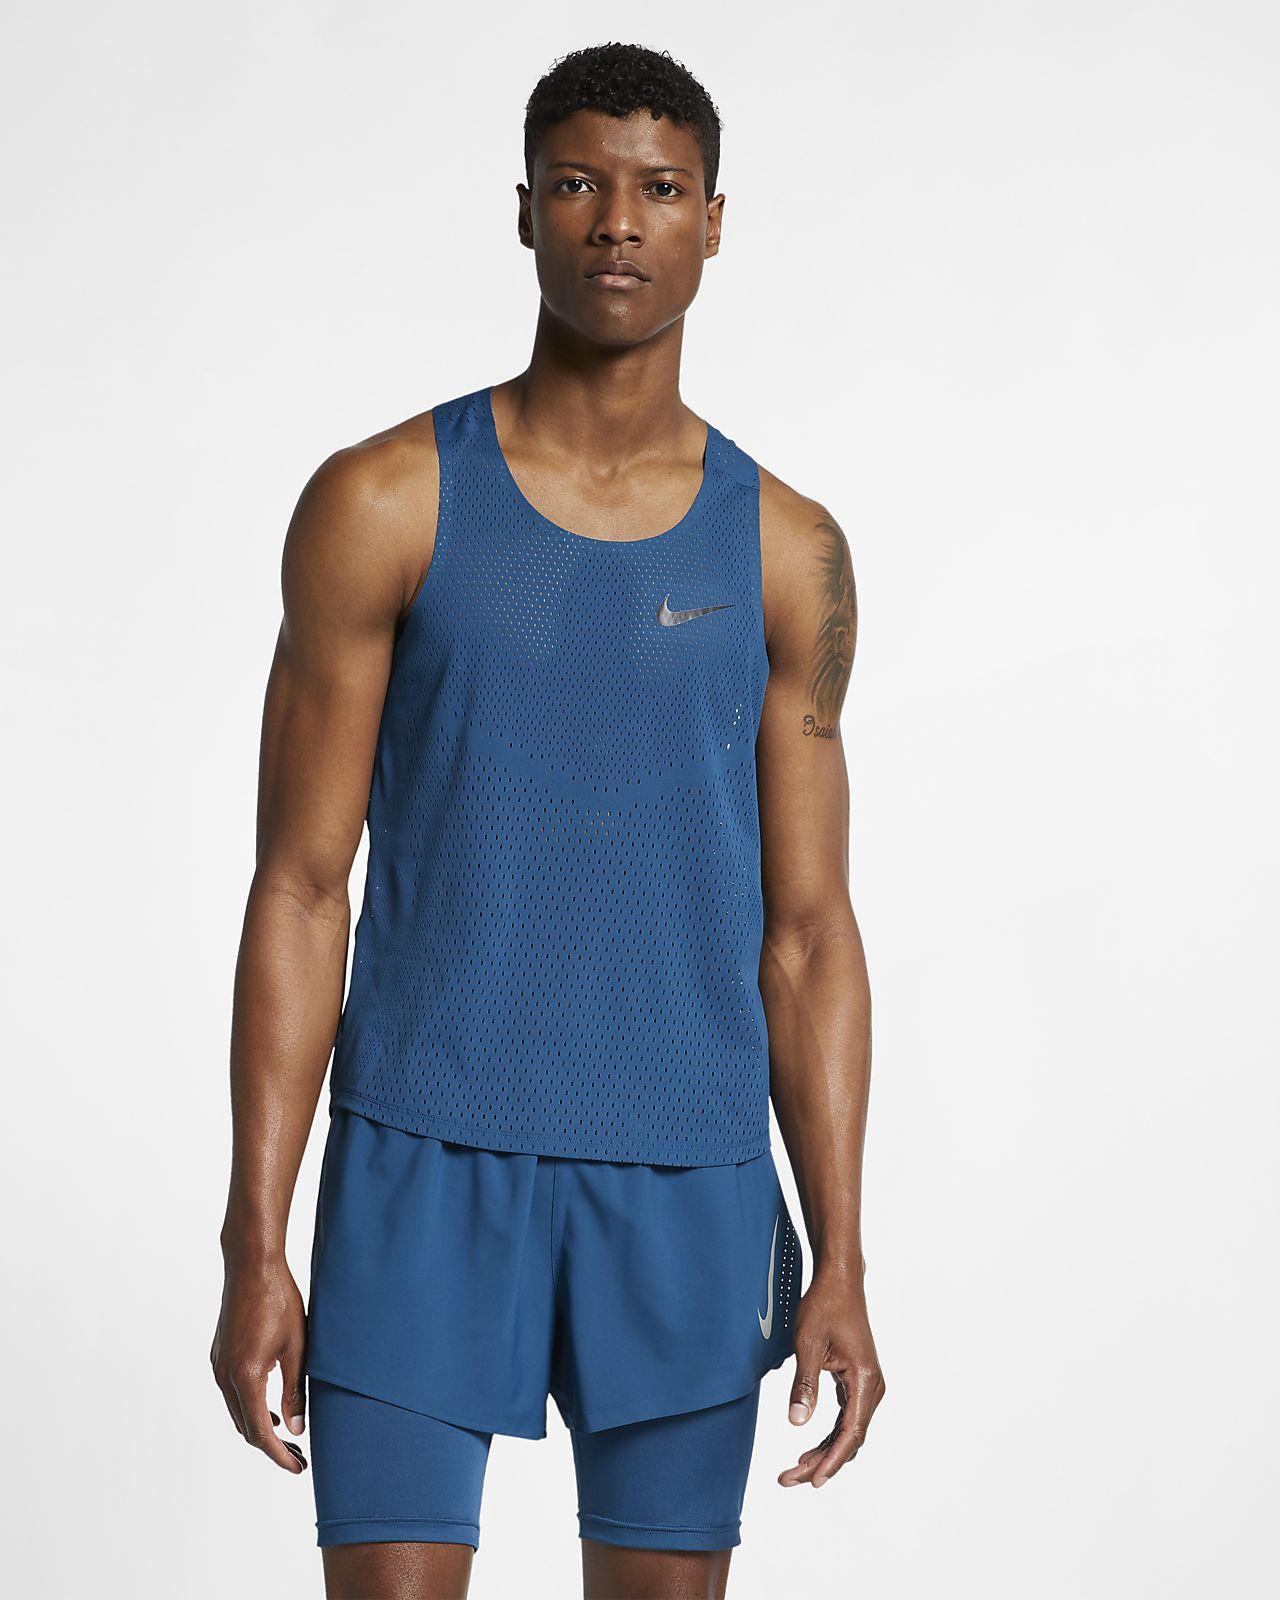 Męska koszulka bez rękawów do biegania Nike AeroSwift